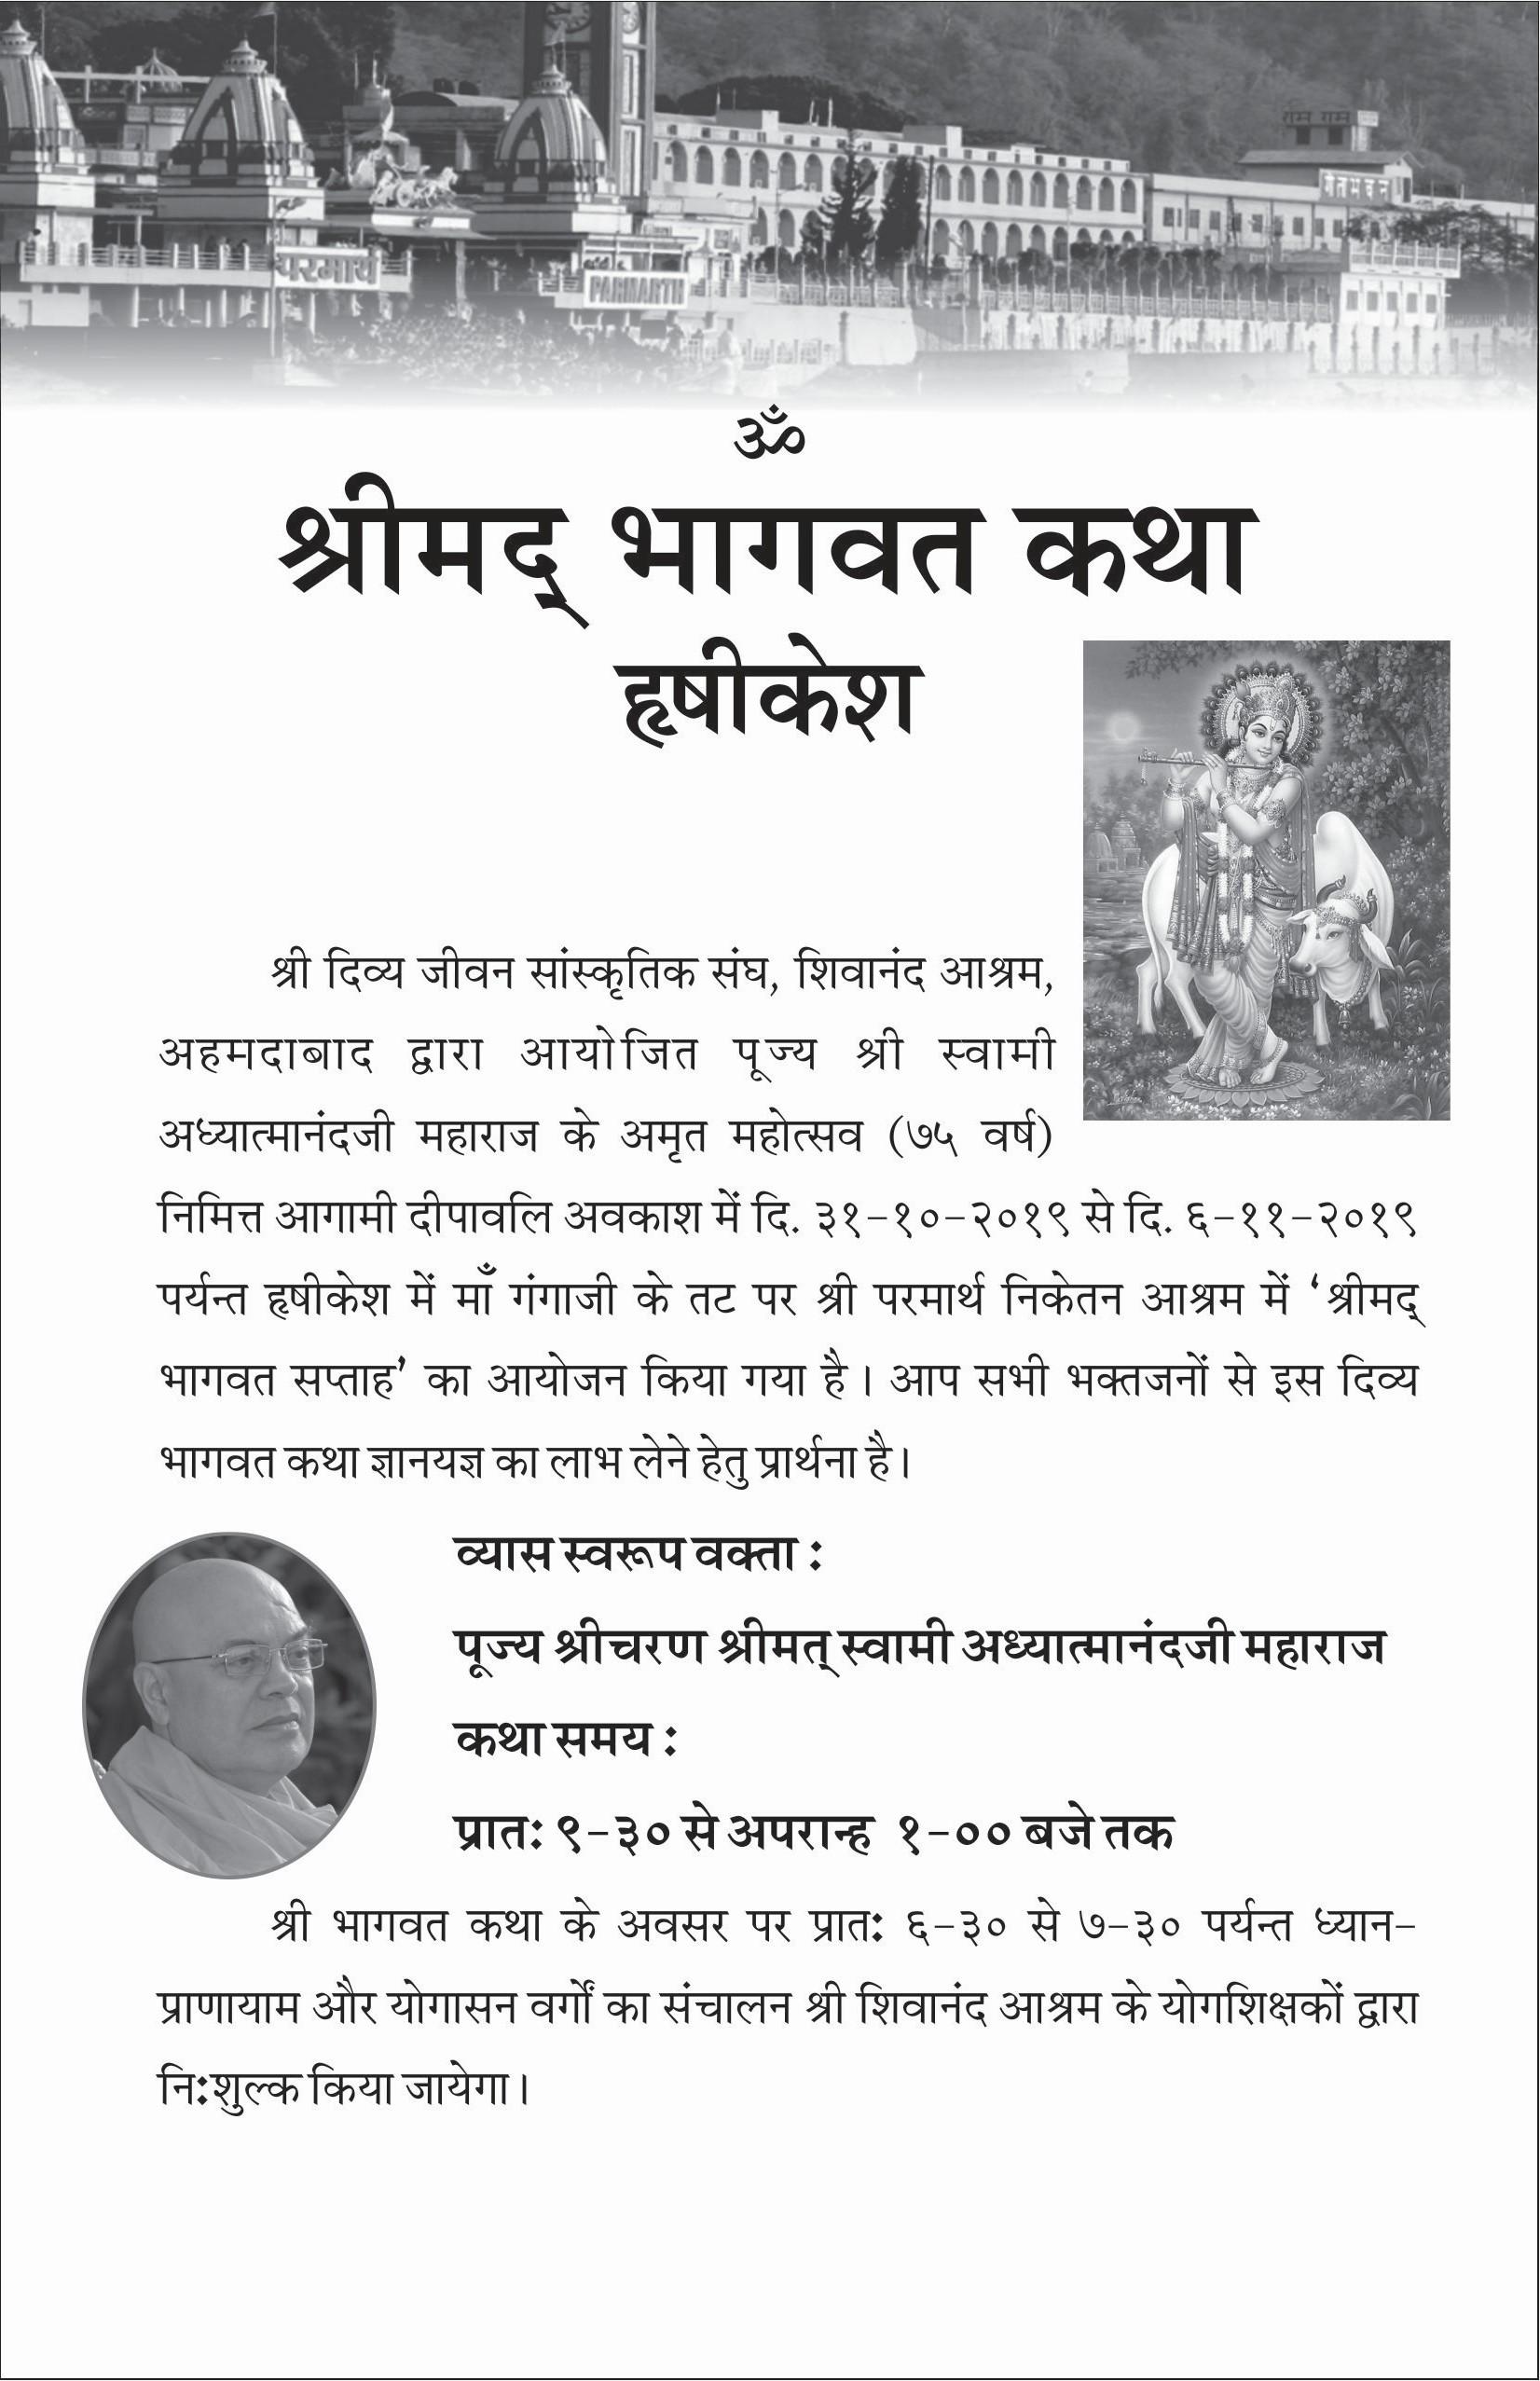 Swami Adhyatmananda